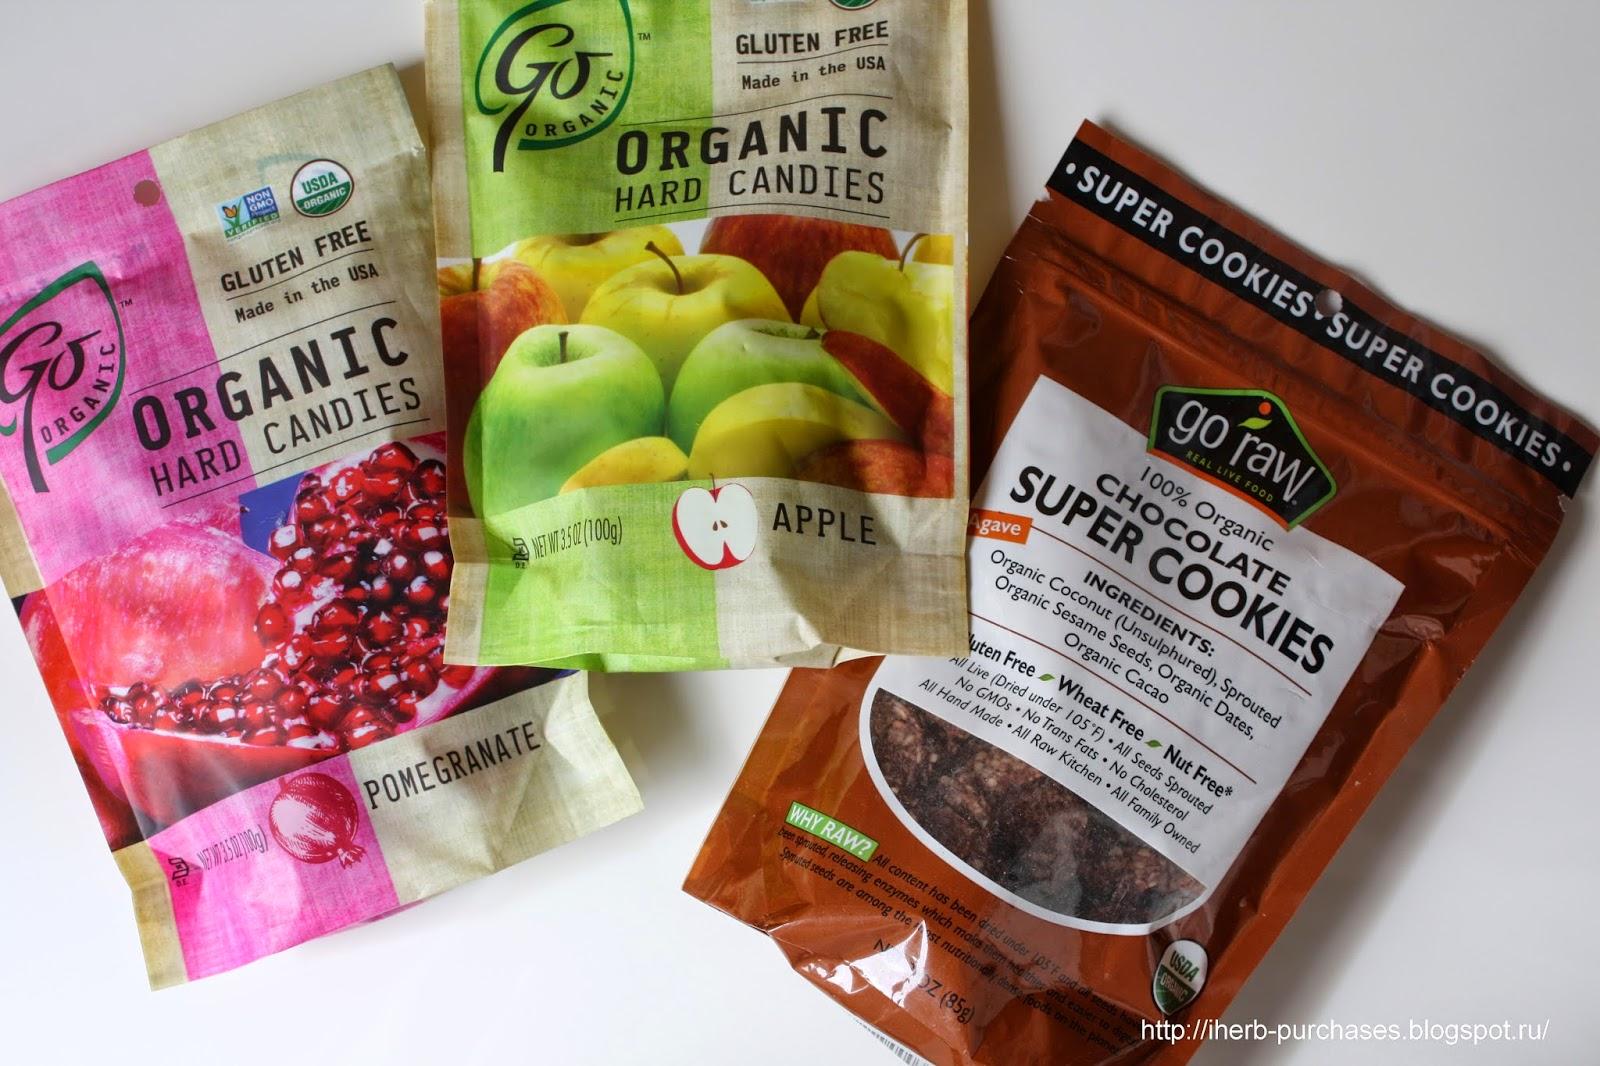 конфеты, леденцы, вкусно, полезно, отзыв, iherb